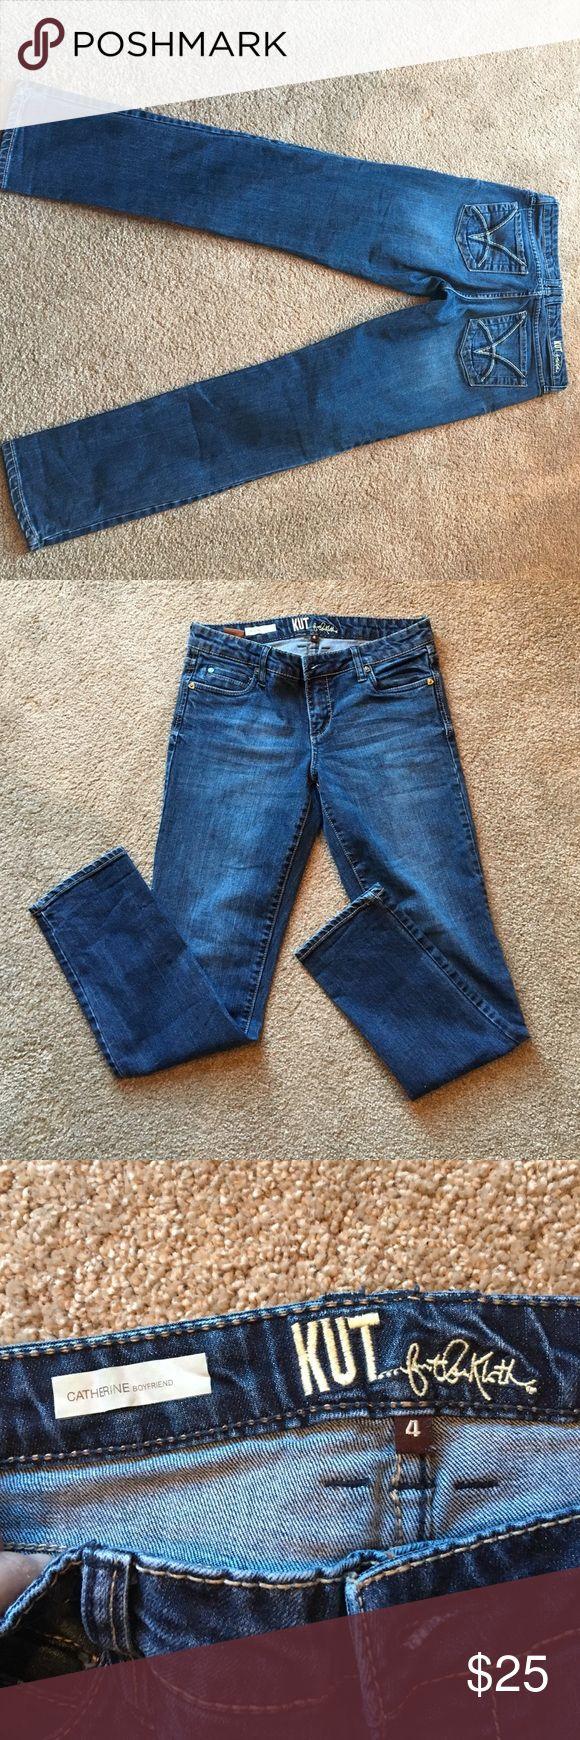 Kut jeans size 4 Kut from Kloth Catherine boyfriend jeans. Tapered leg. Flattering fit! Kut from the Kloth Jeans Boyfriend